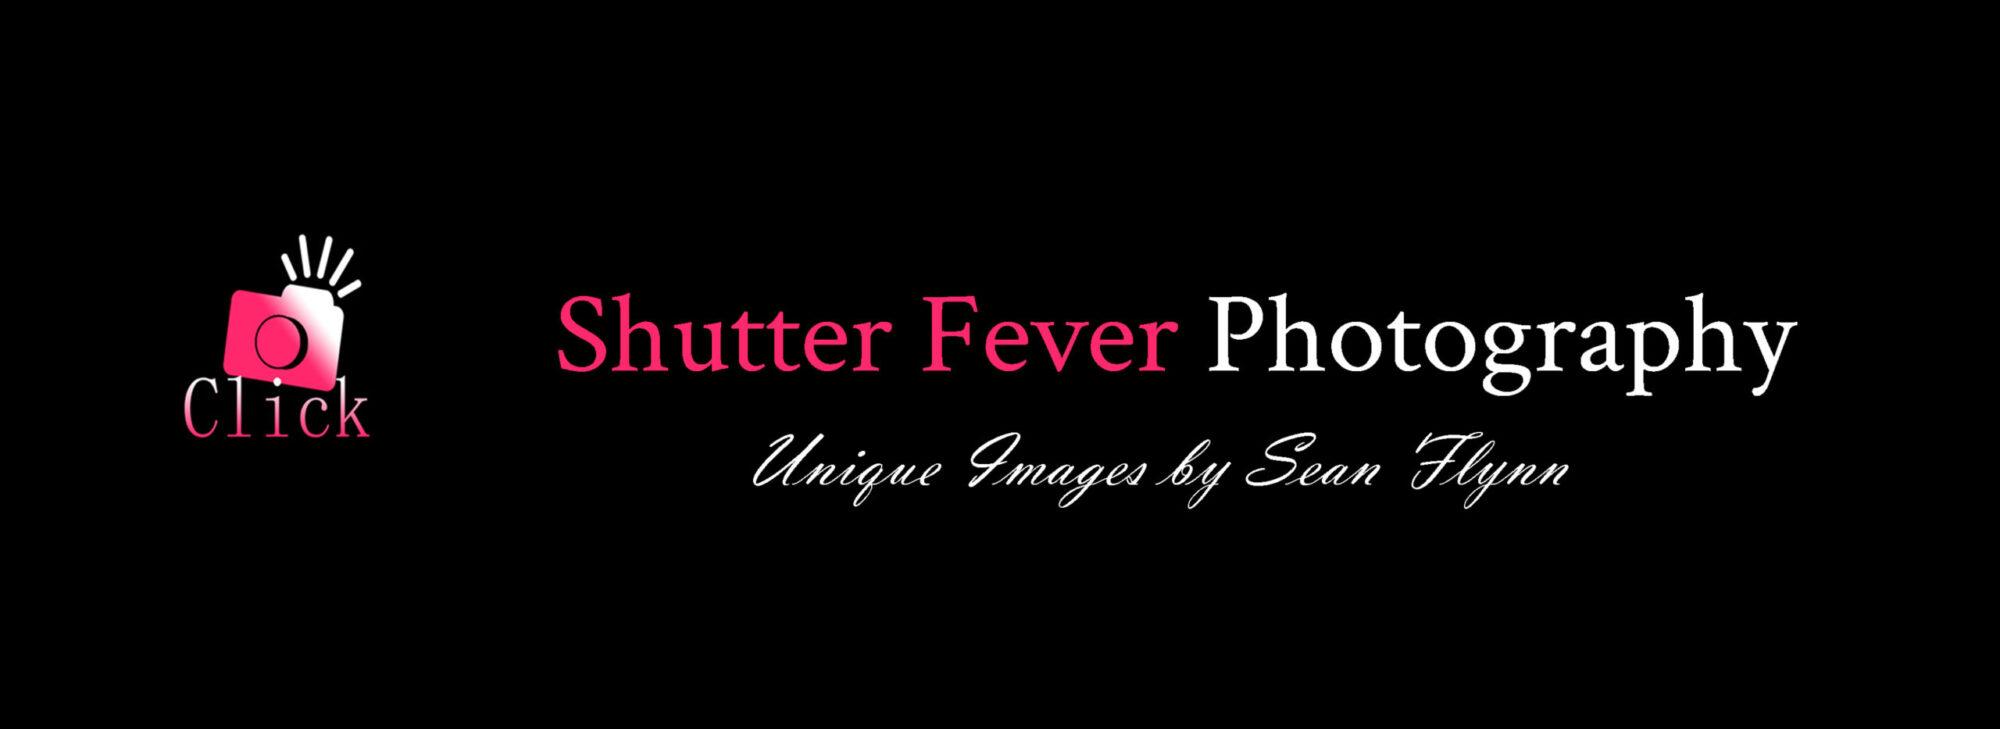 Shutter Fever Photography